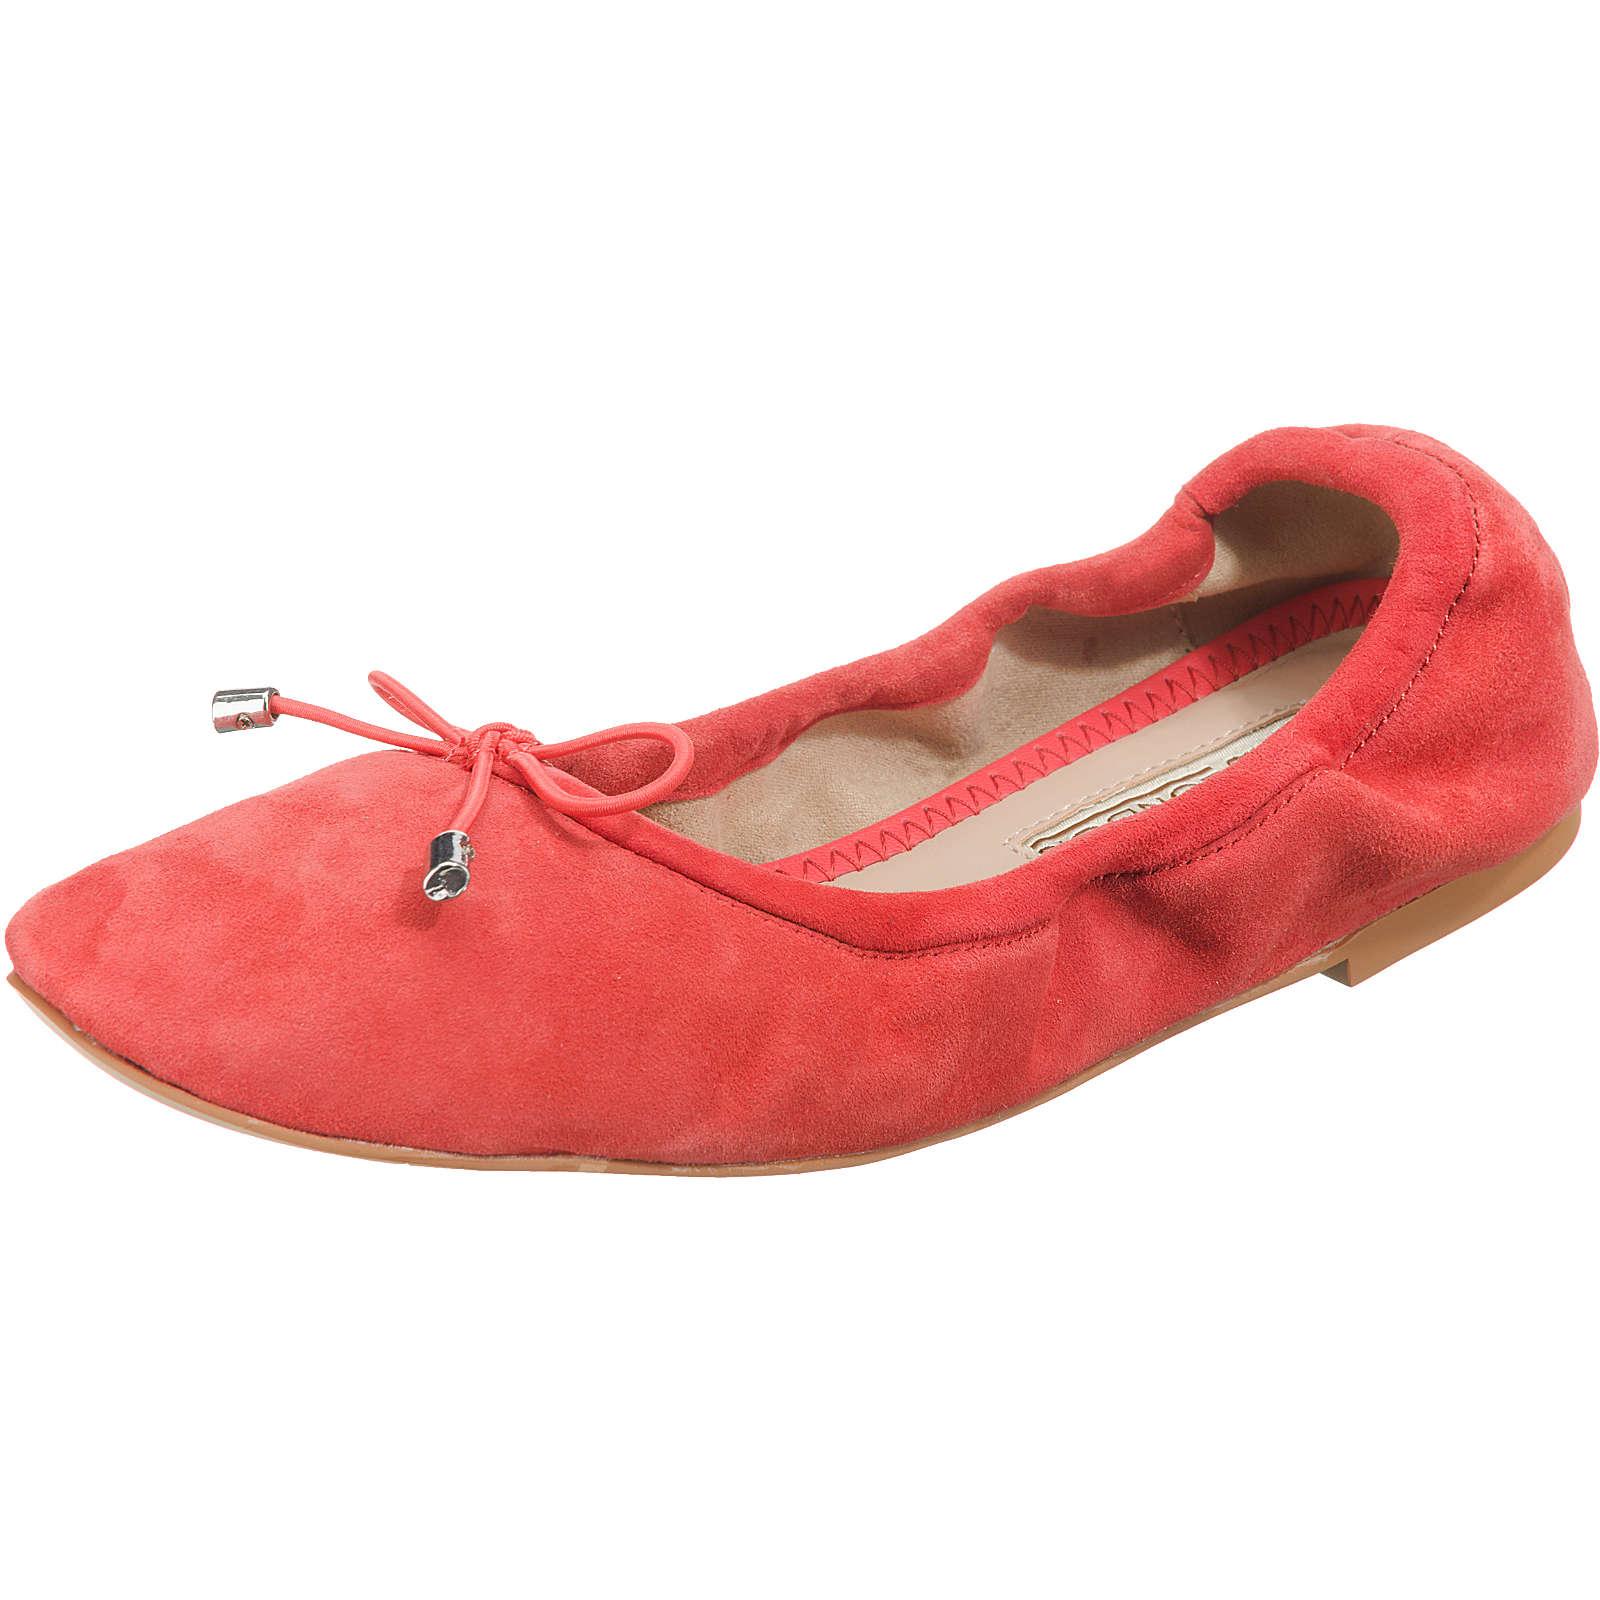 BUFFALO Faltbare Ballerinas rot Damen Gr. 41